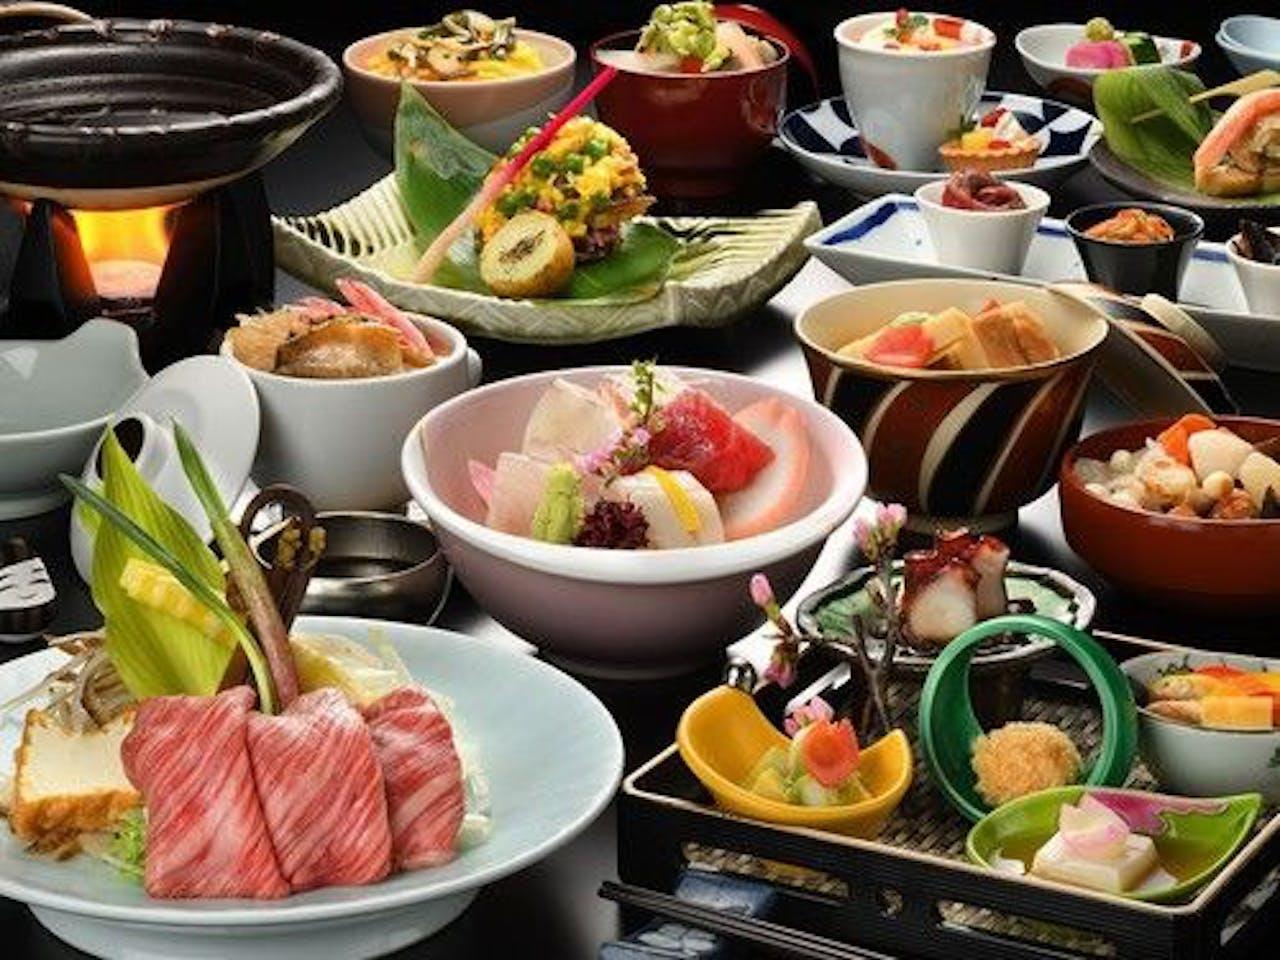 季節によって旬の食材を使った和会席一例